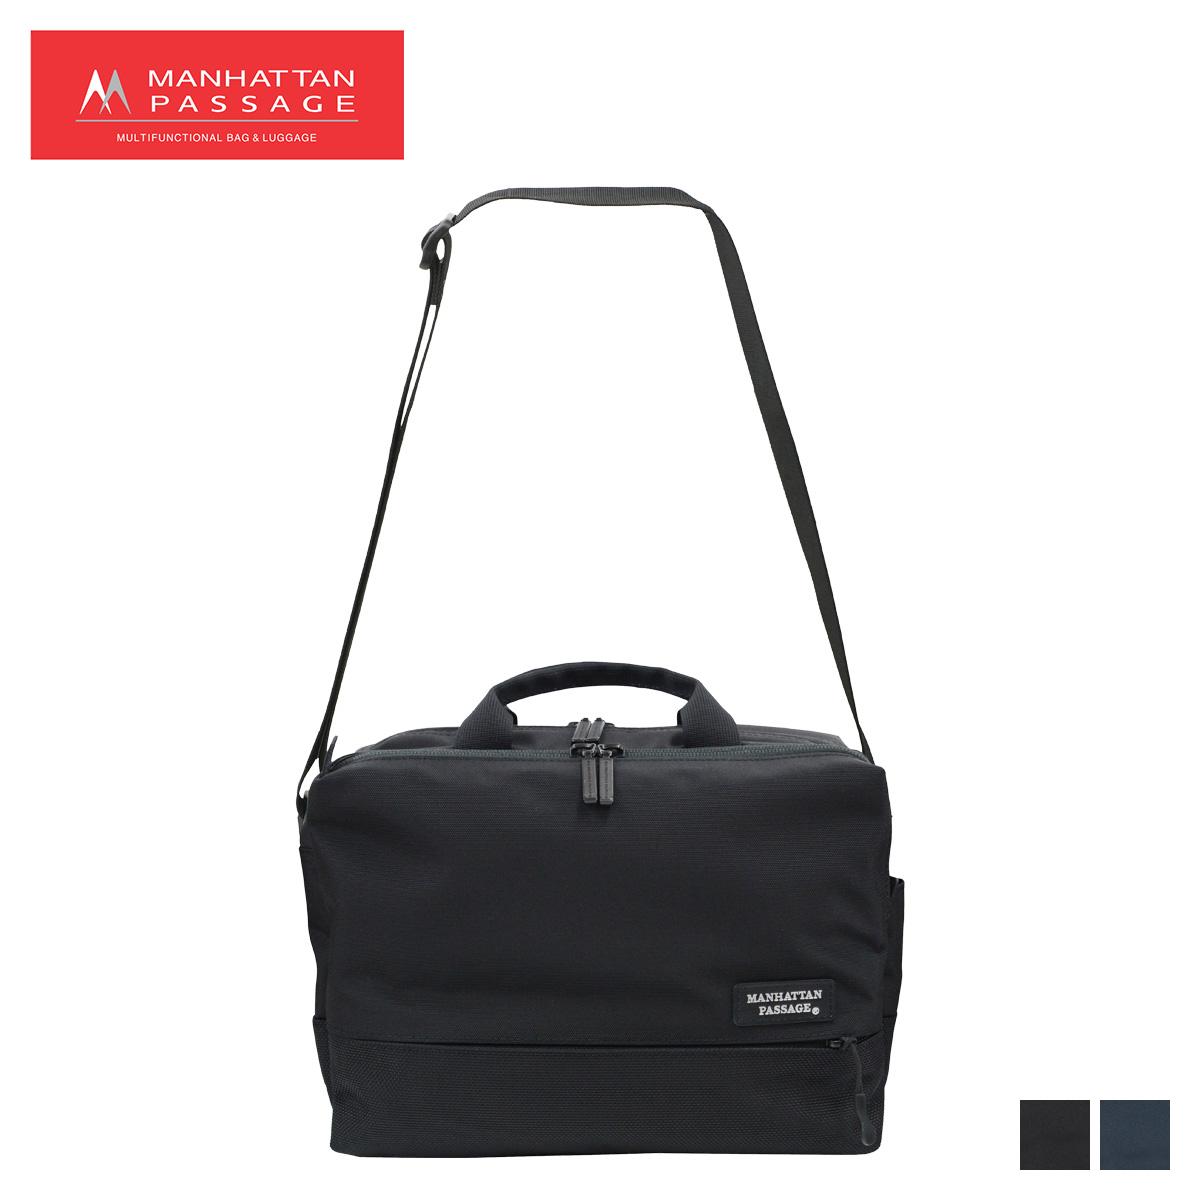 MANHATTAN PASSAGE マンハッタンパッセージ バッグ ショルダーバッグ ビジネスバッグ ブリーフケース メンズ 6.5L SHOULDER BAG EST 2 ブラック ネイビー 黒 5485 [4/10 新入荷]